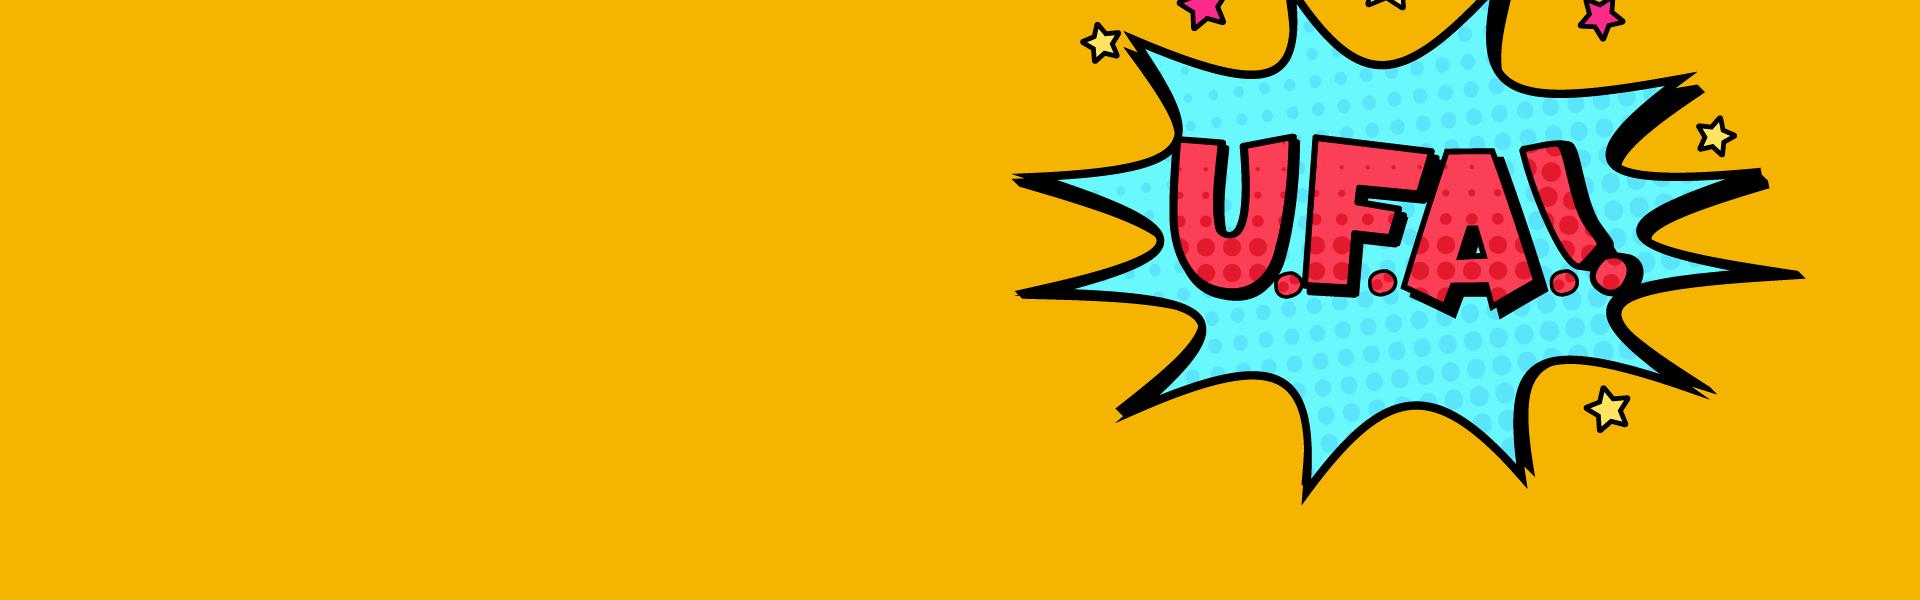 Banner home - U.F.A.! União Feevale & Alunos